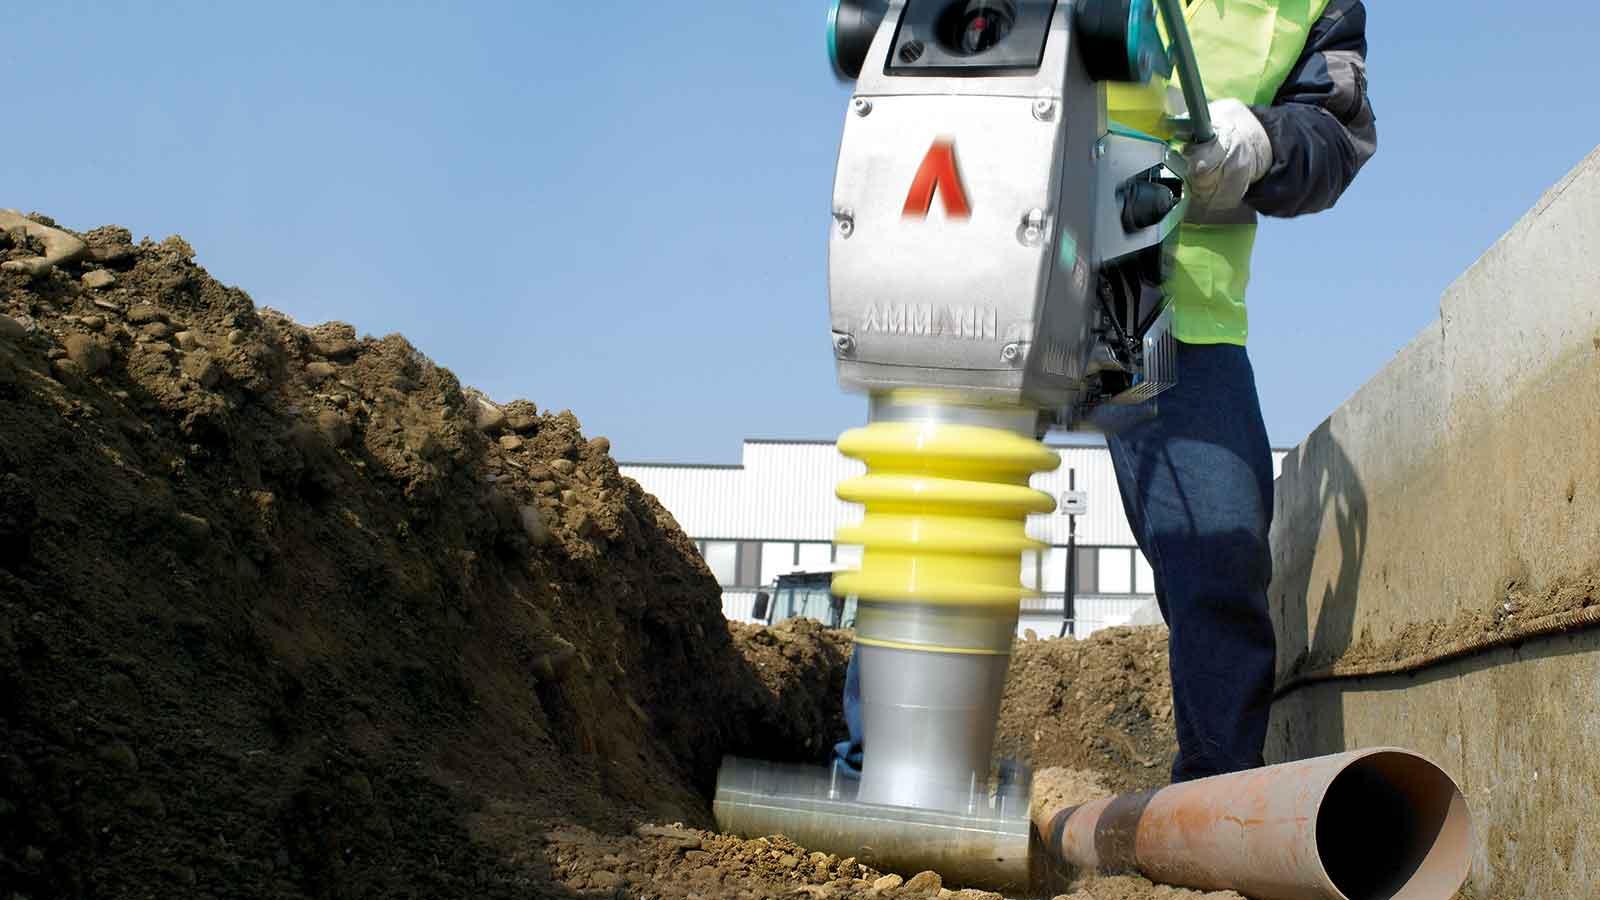 Zhutňovanie pôdy vibračnou nohou či doskou – kvalitne a efektívne